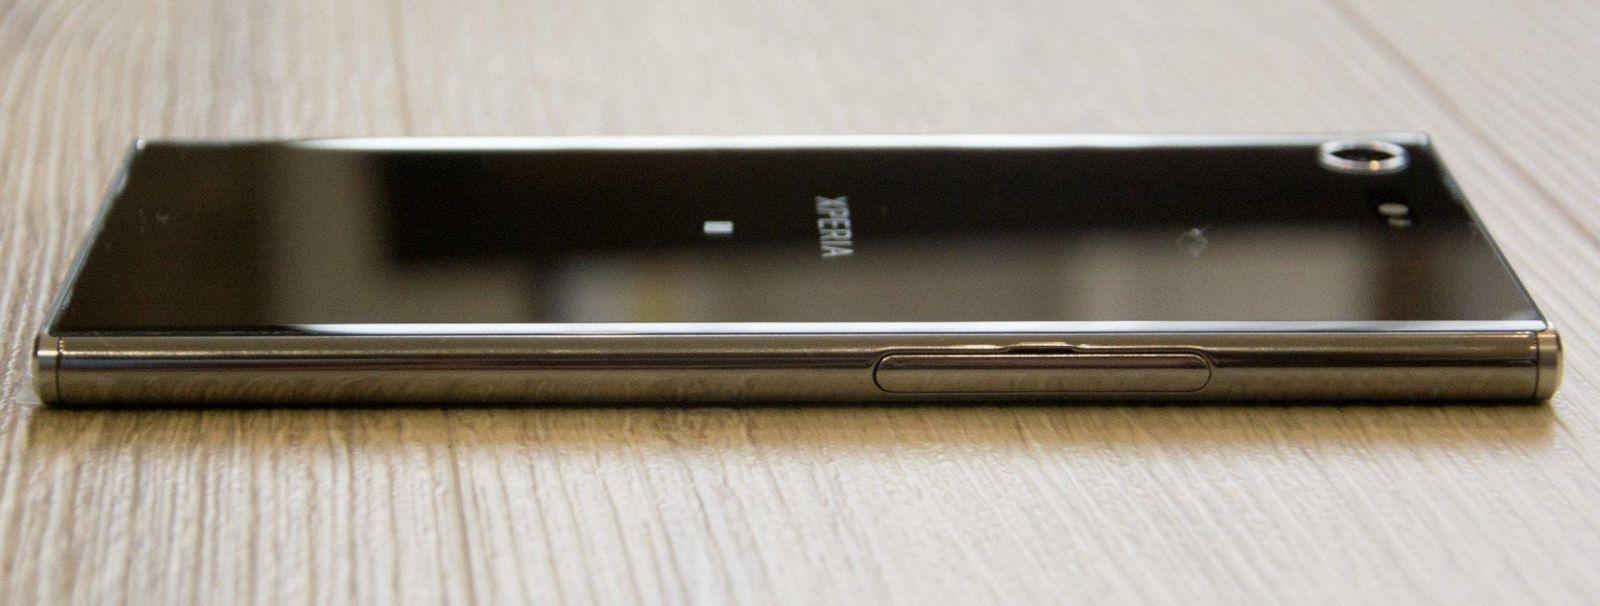 Обзор Sony Xperia XZ Premium. Лучший телефон лета (DSC 3915)